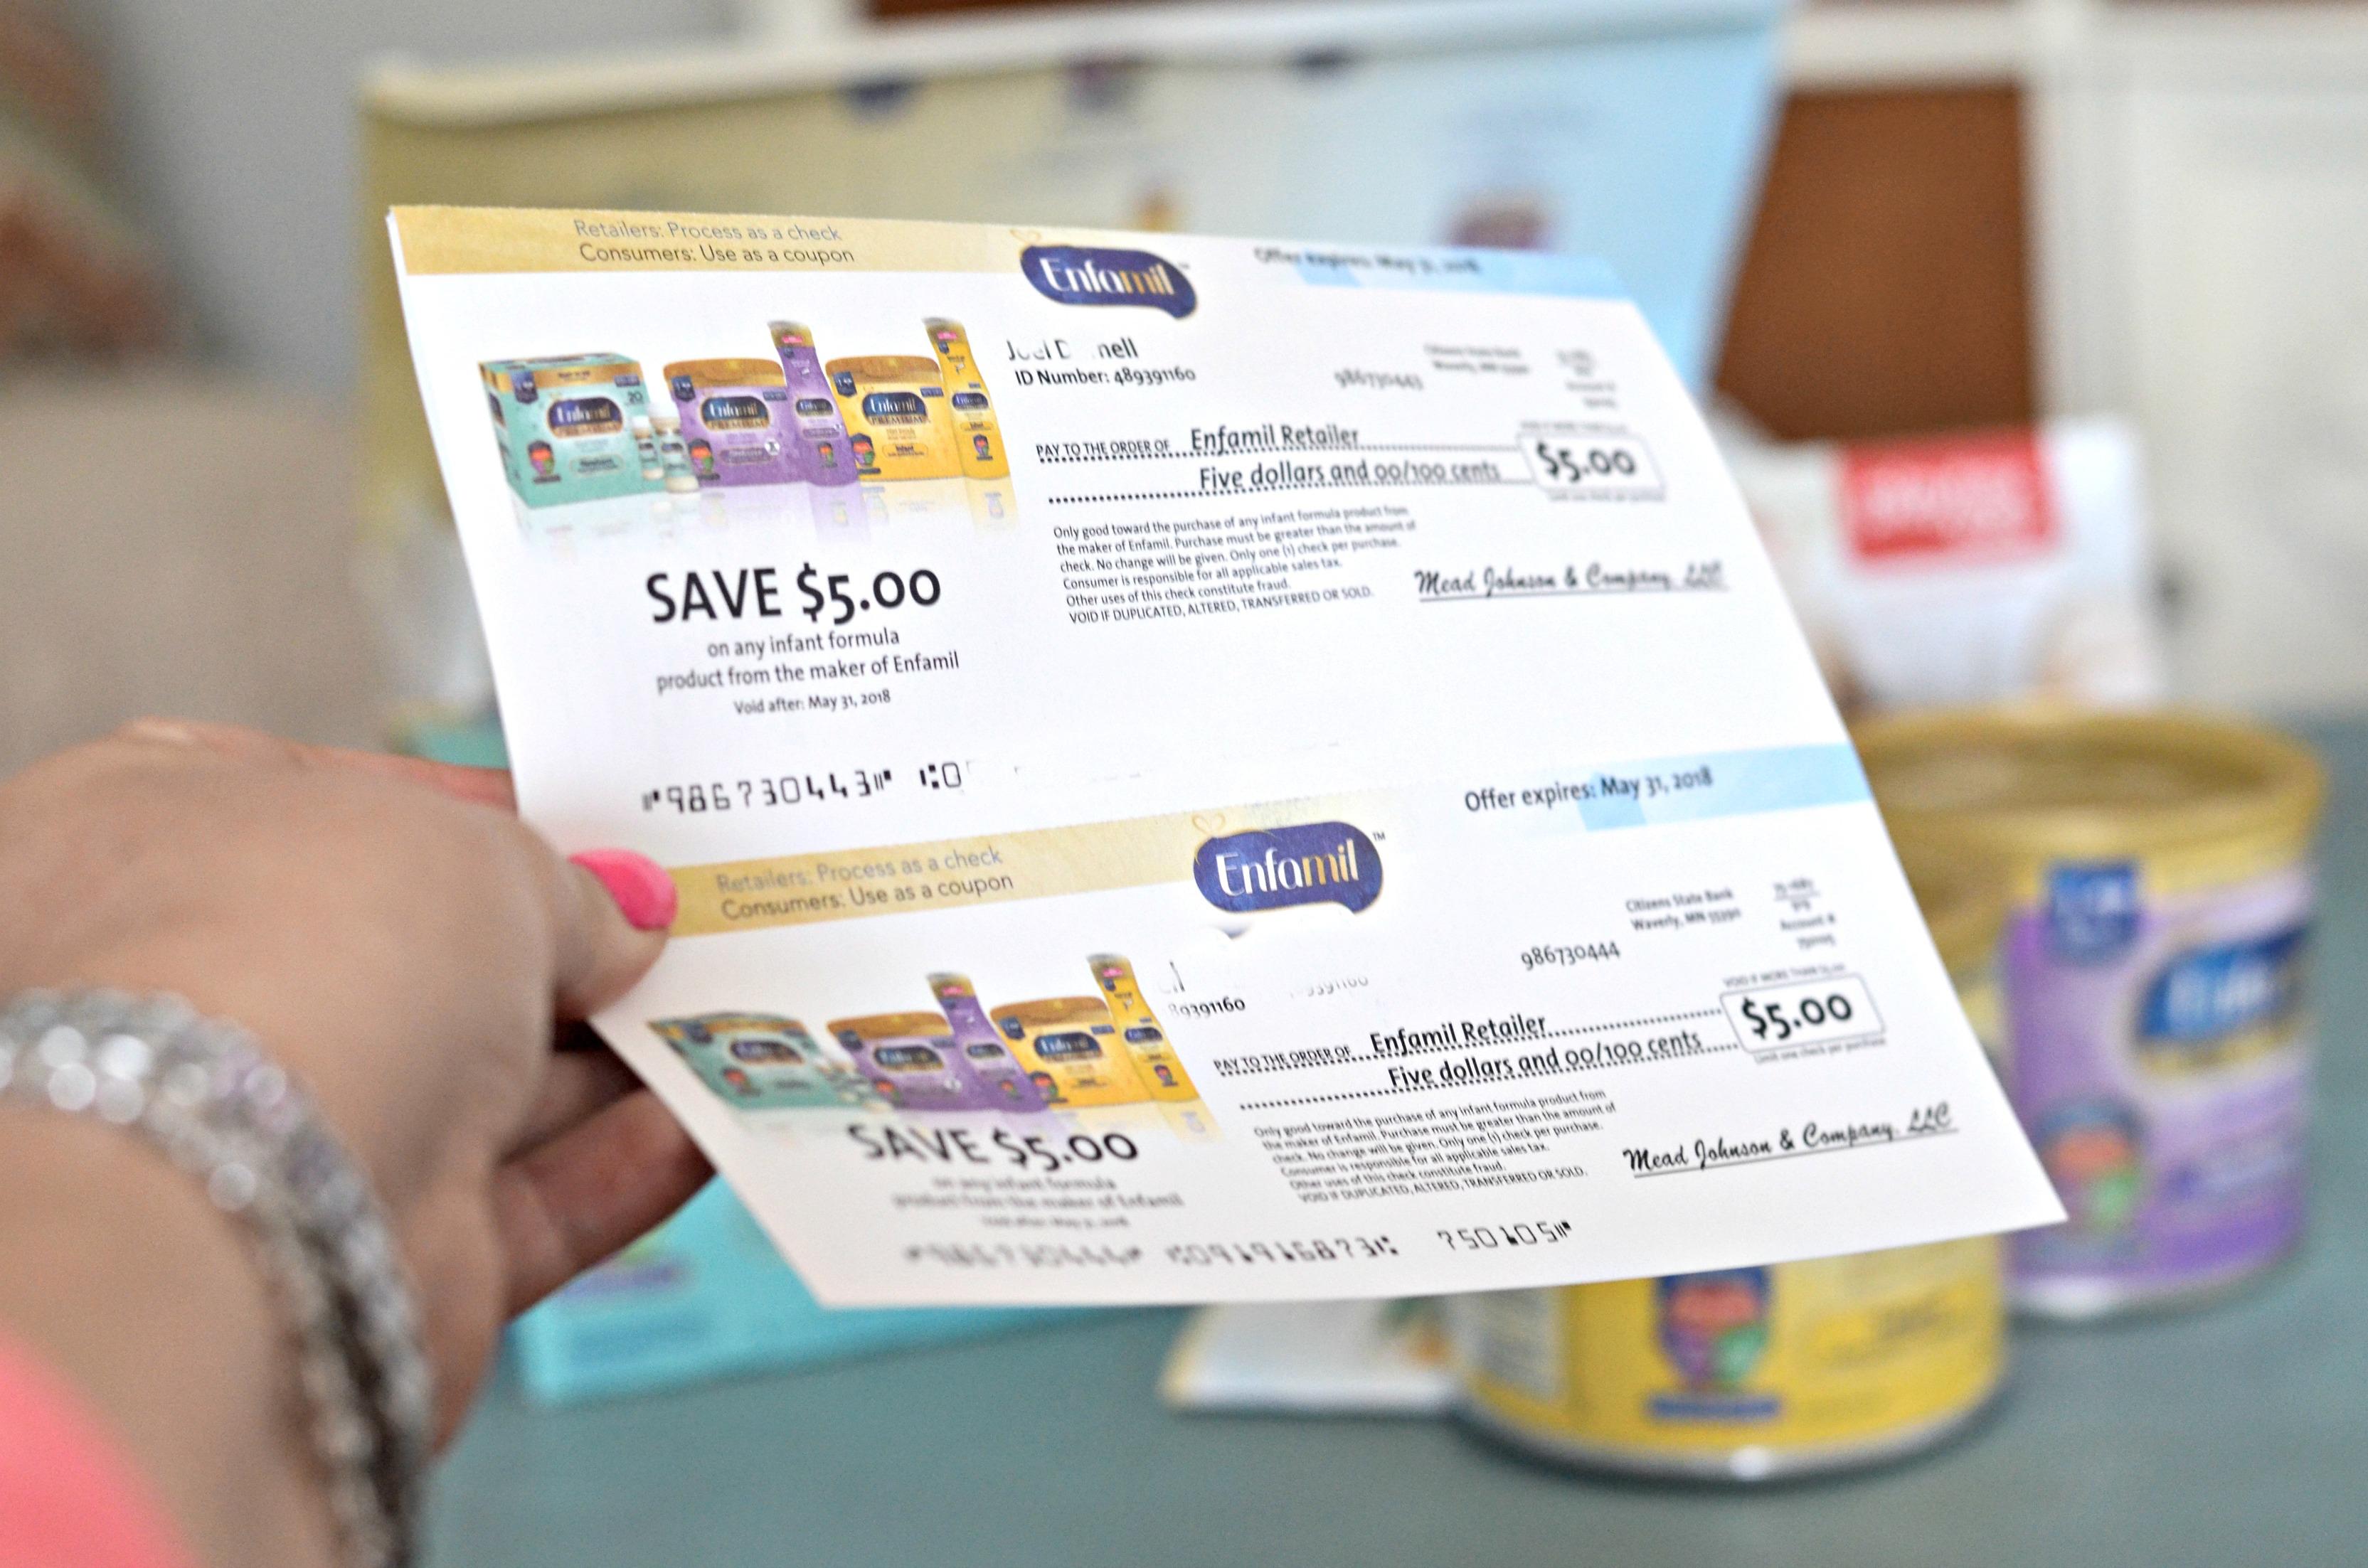 free enfamil baby box - get free enfamil gifts like these Enfamil Checks